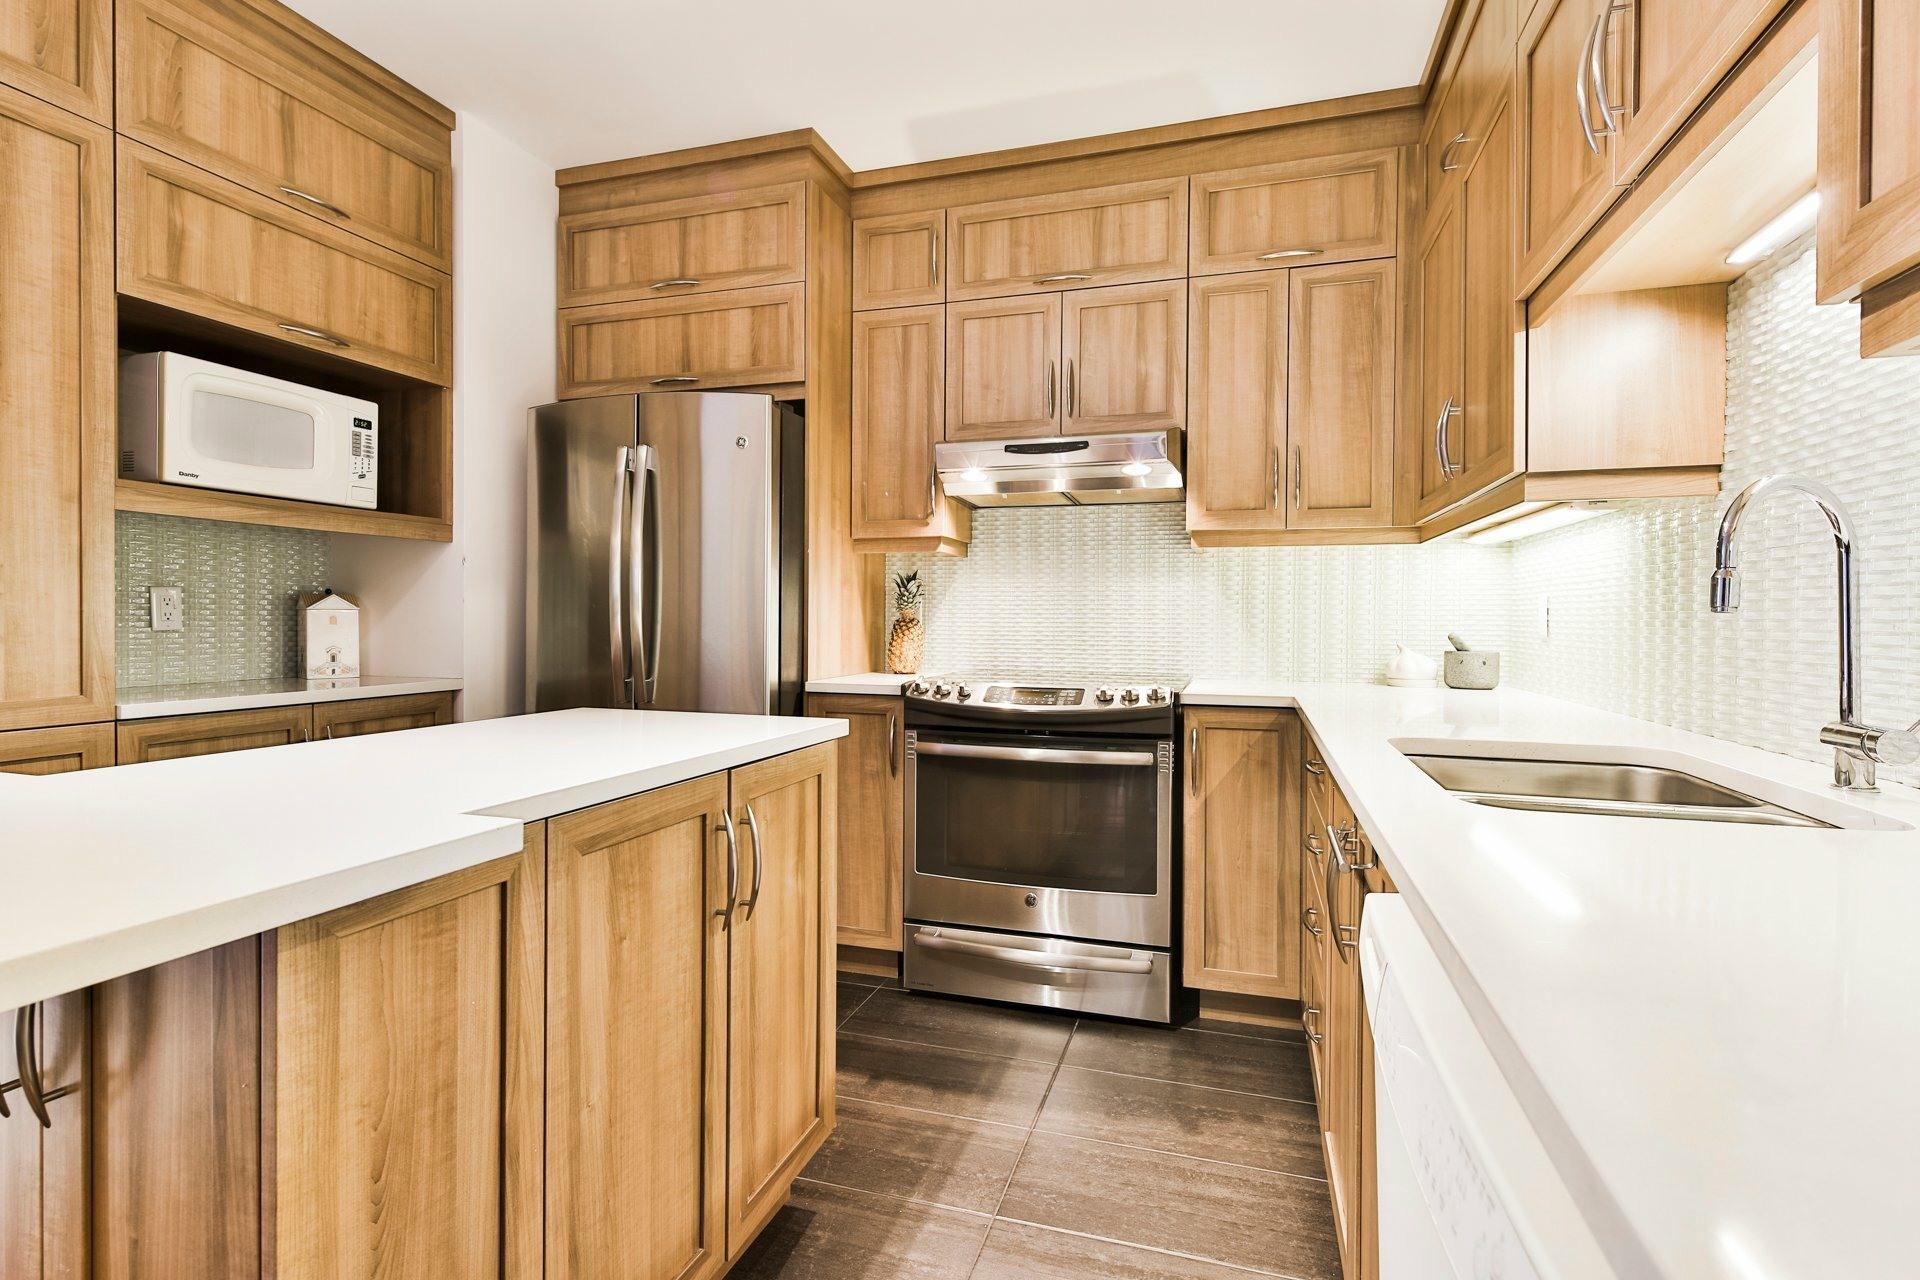 image 2 - Appartement À vendre Montréal Ahuntsic-Cartierville  - 11 pièces